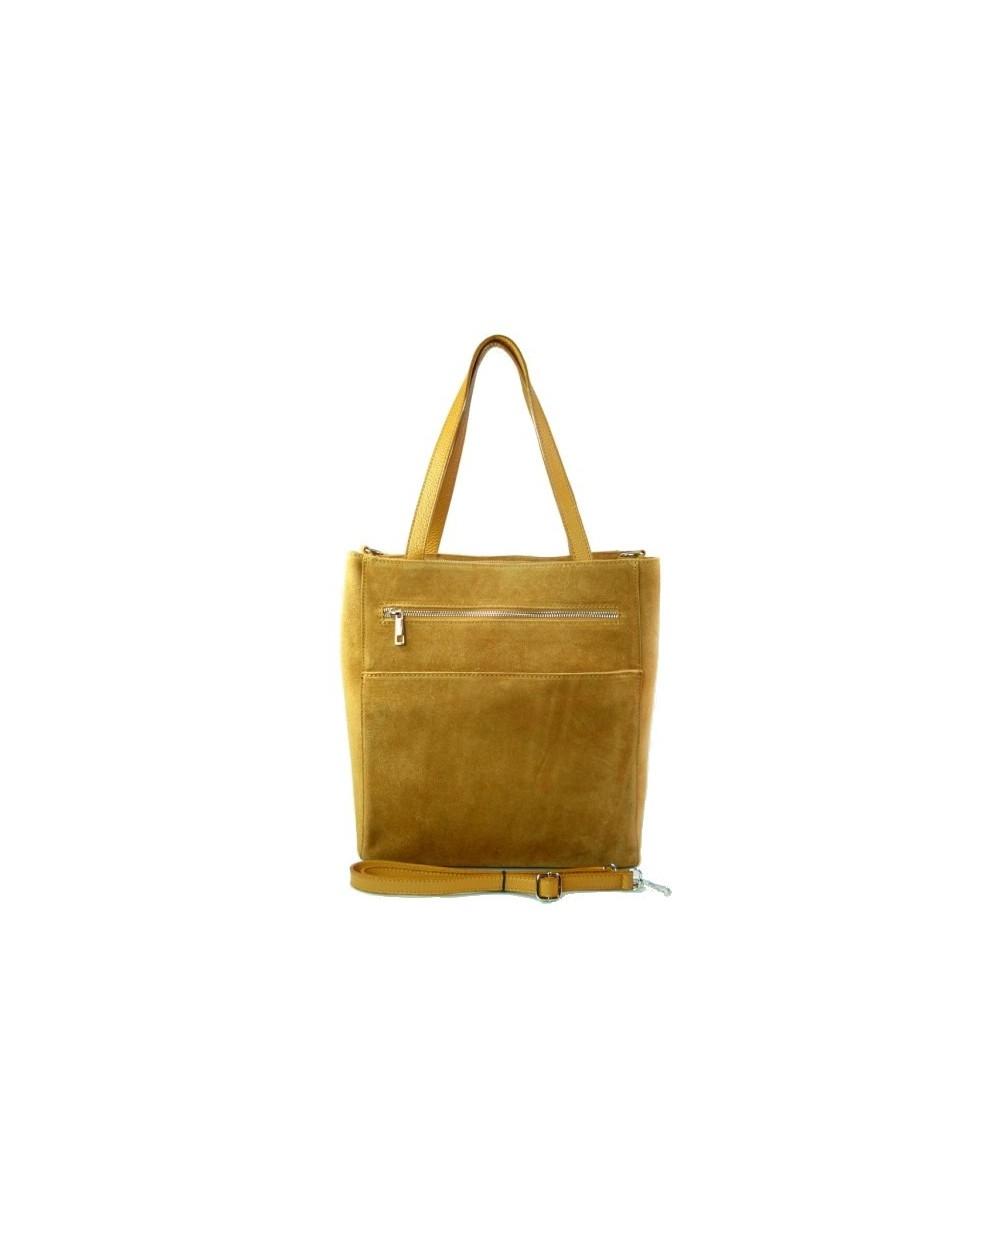 faa811bcab7d8 Włoska zamszowa torebka shopper bag camel - Sklep internetowy ...